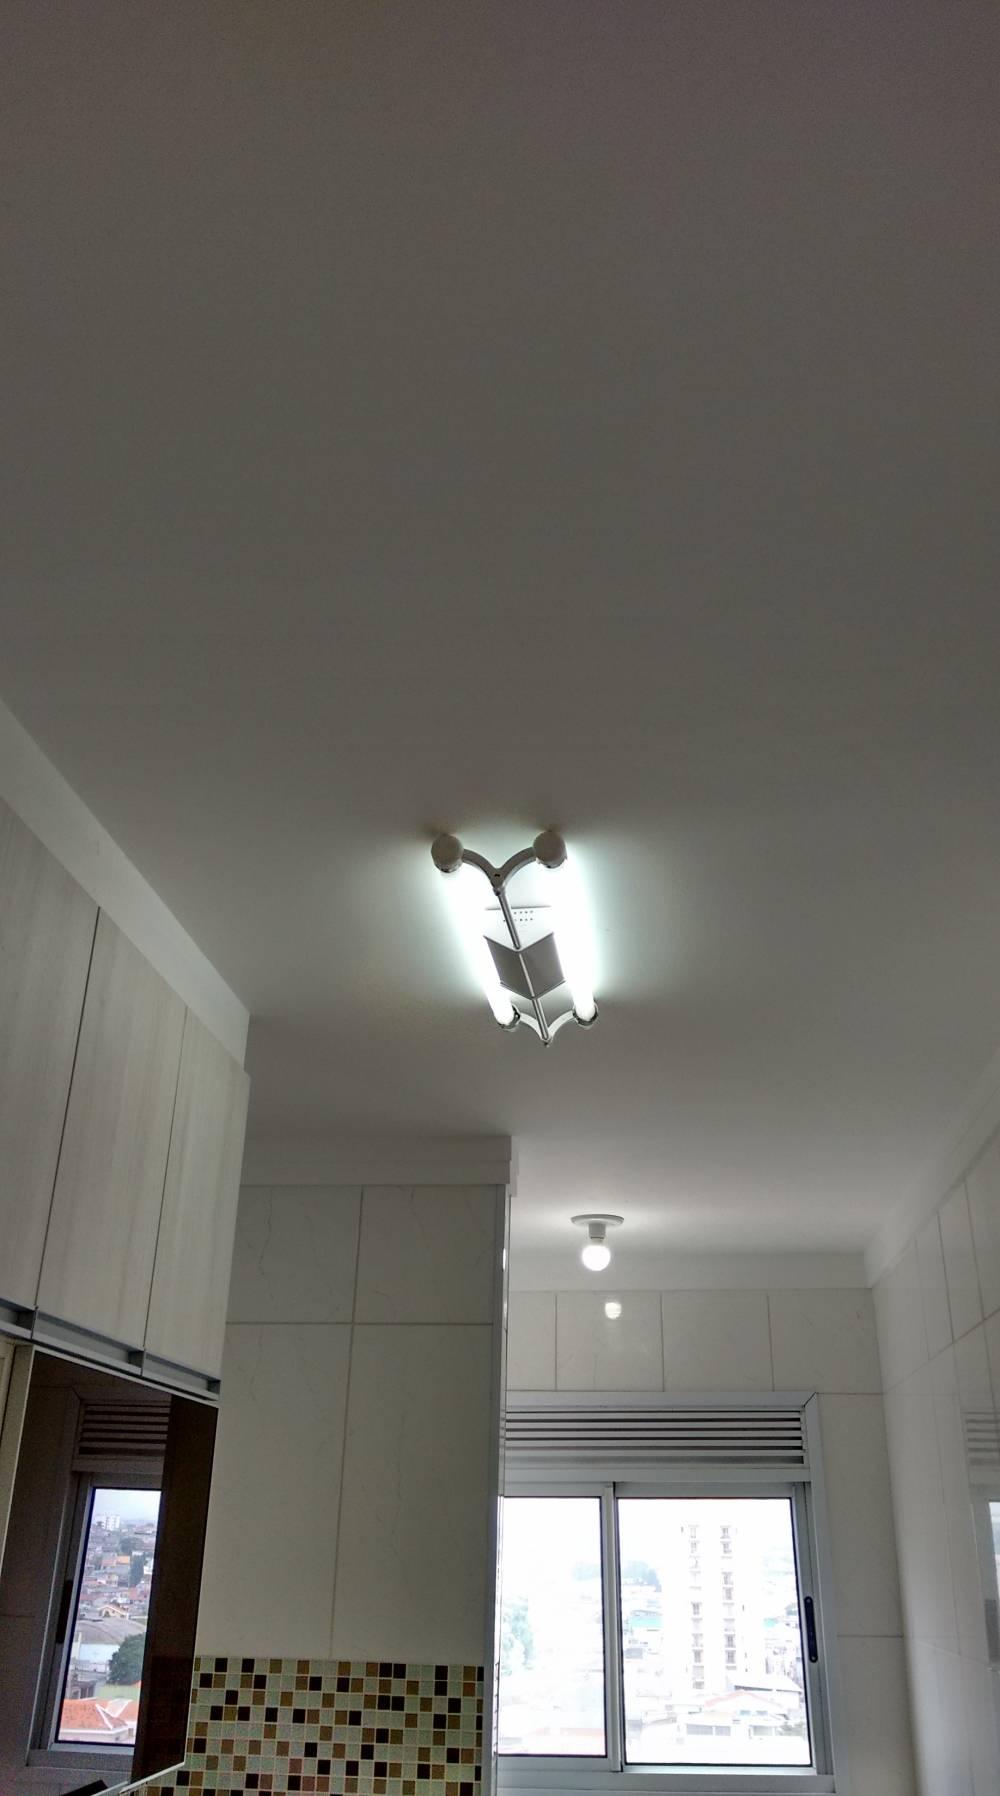 Serviço de Eletricidade Residencial para Que Serve na Vila Arapuã - Eletricidade Residencial